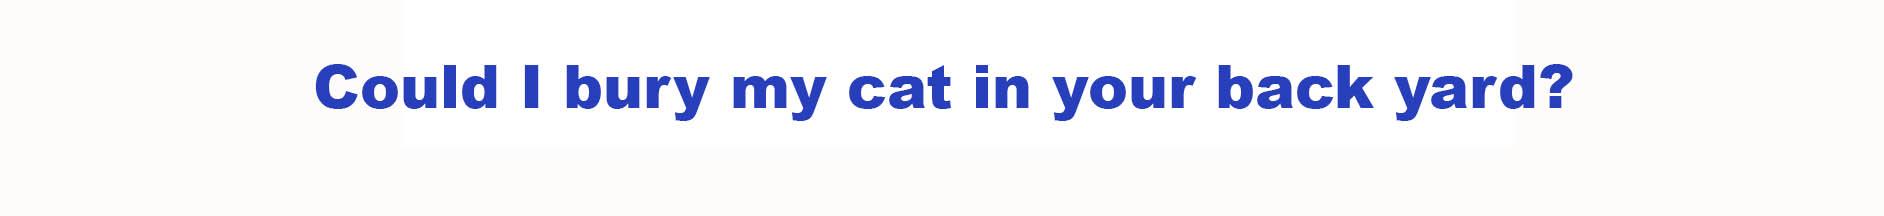 пример употребления глагола Could